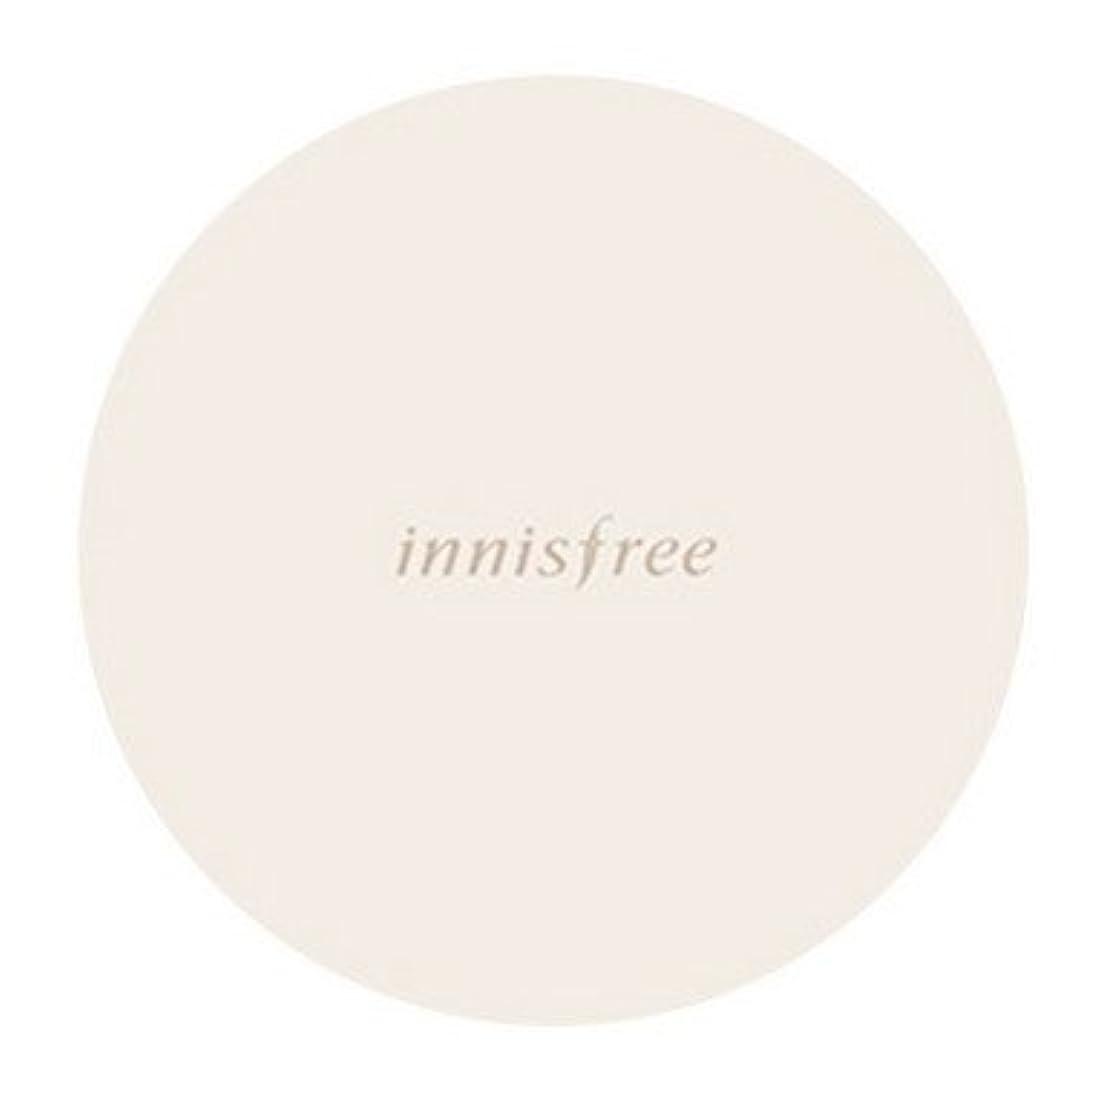 【innisfree(イニスフリー)】マイクッションケース - 01アイボリ [並行輸入品]